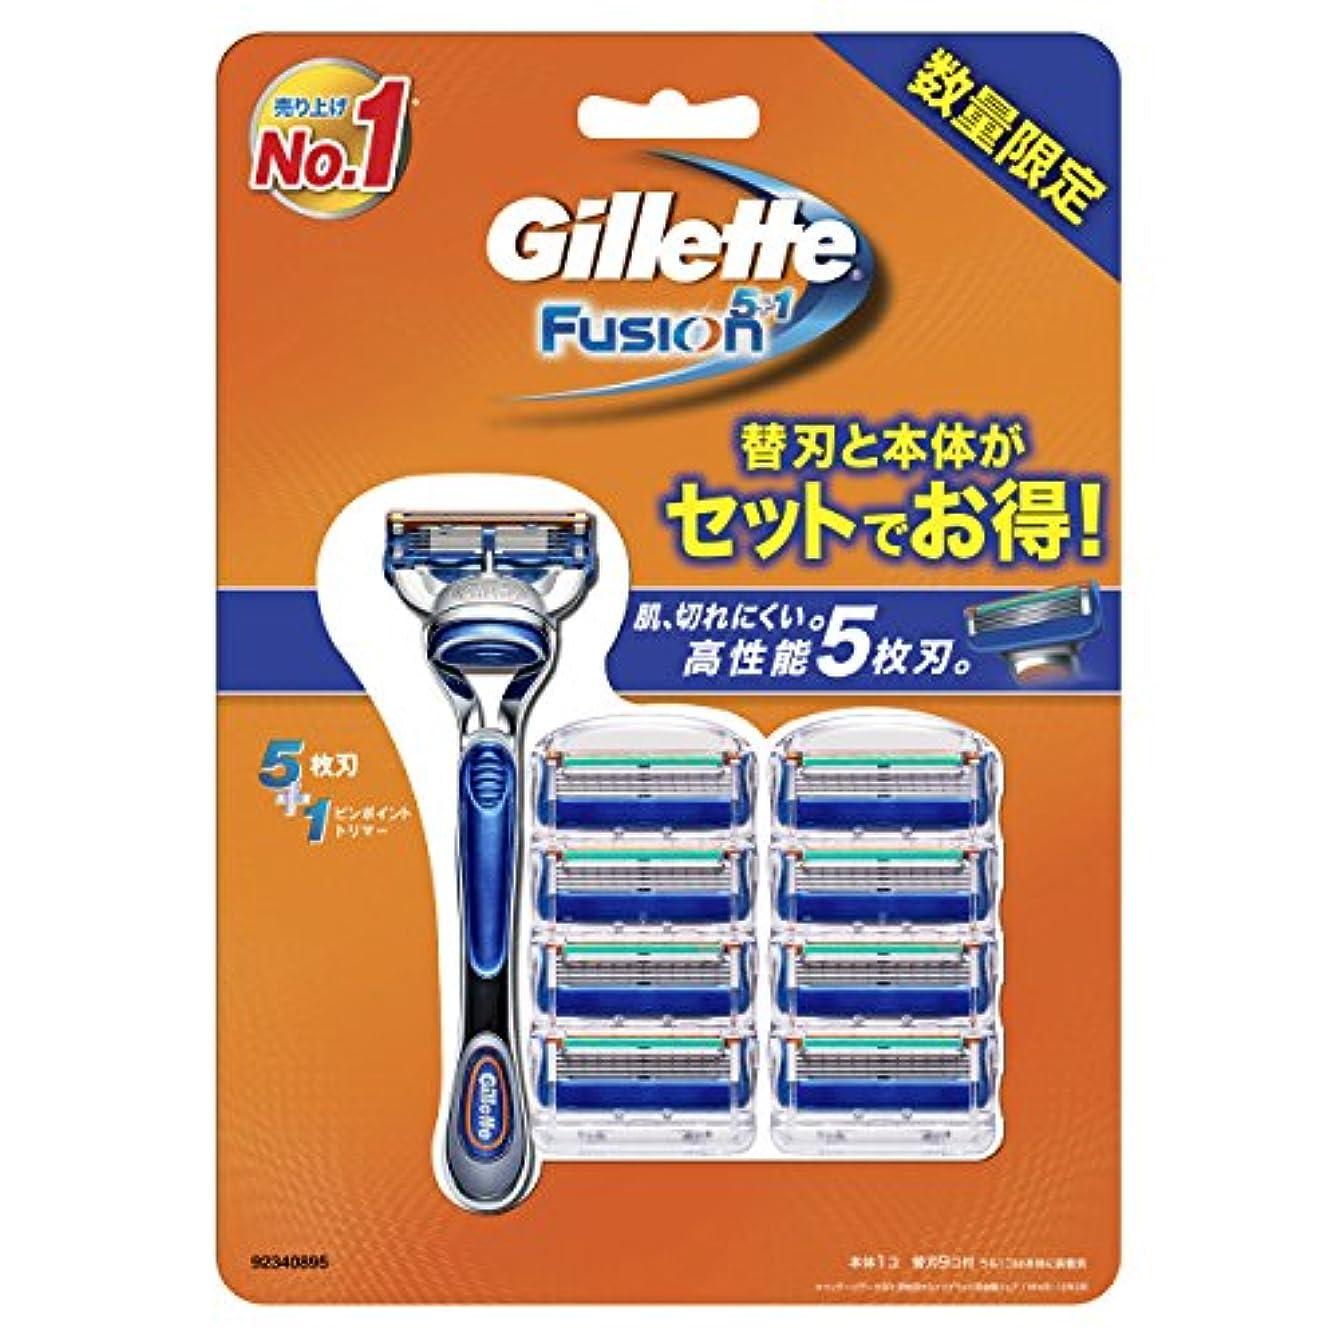 適用済みテザー故意のジレット フュージョン5+1 マニュアル 髭剃り 本体+替刃 9個付